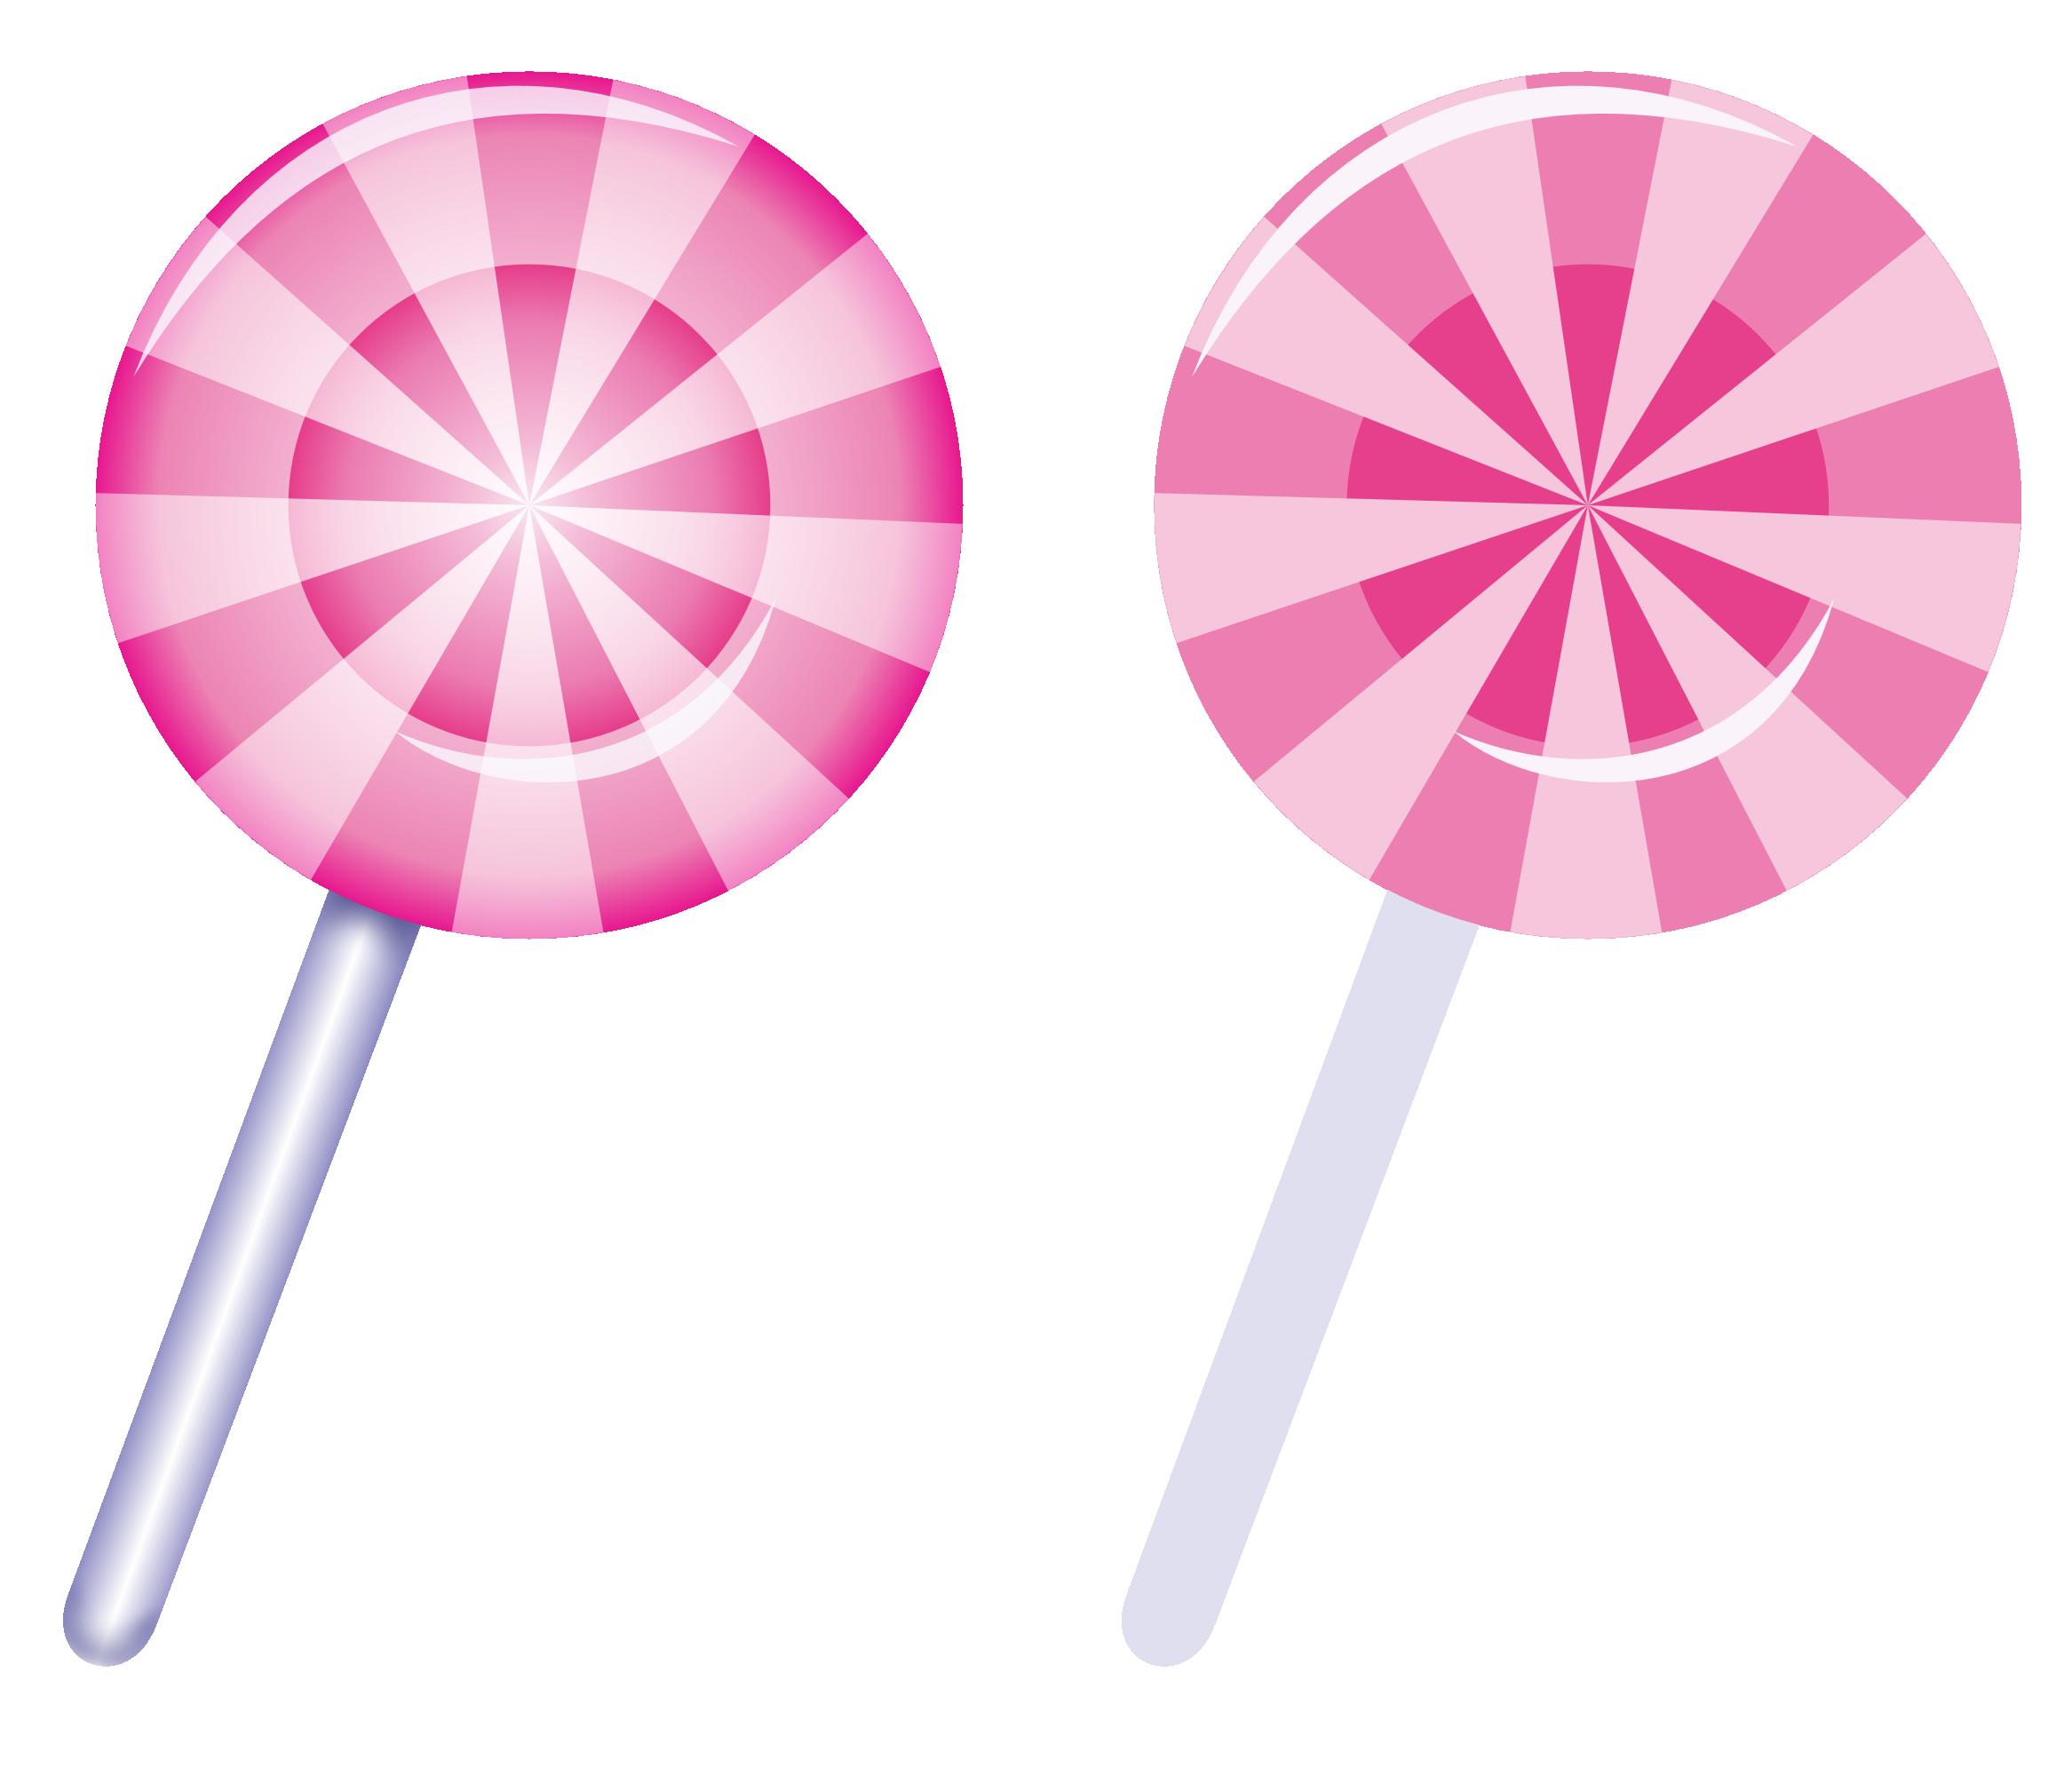 Lollipop clipart cutie mark. Png image purepng free